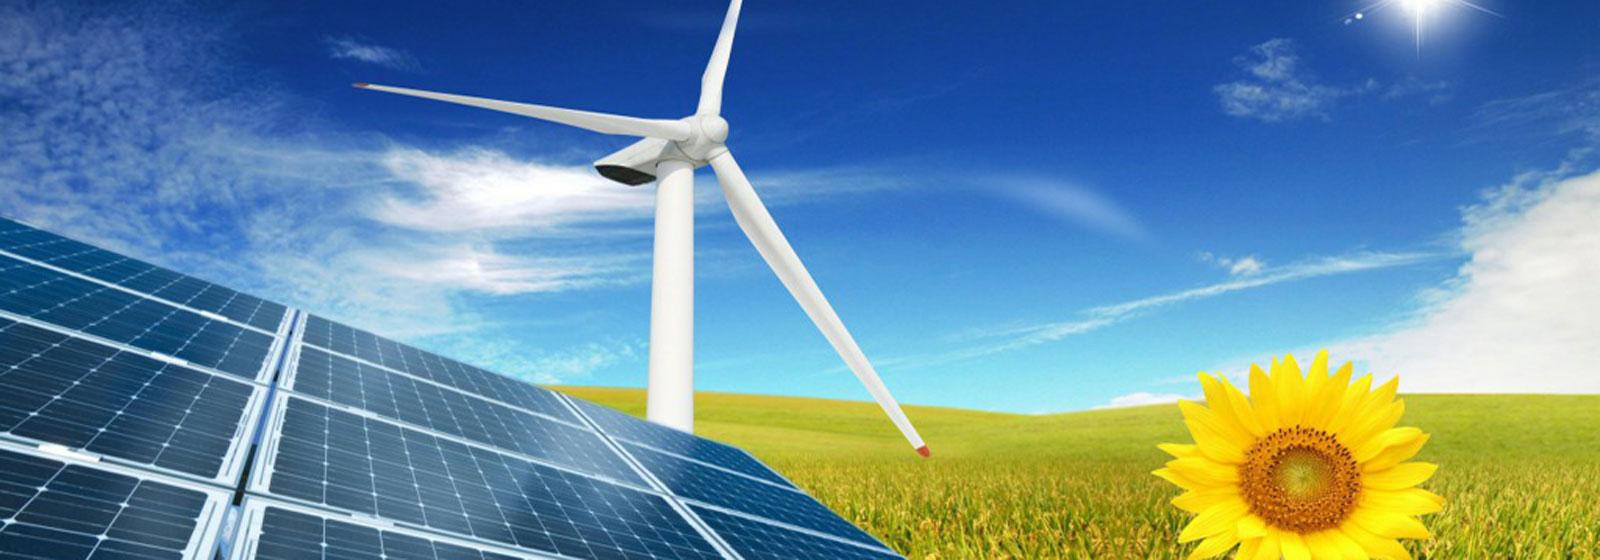 Transition énergétique smart